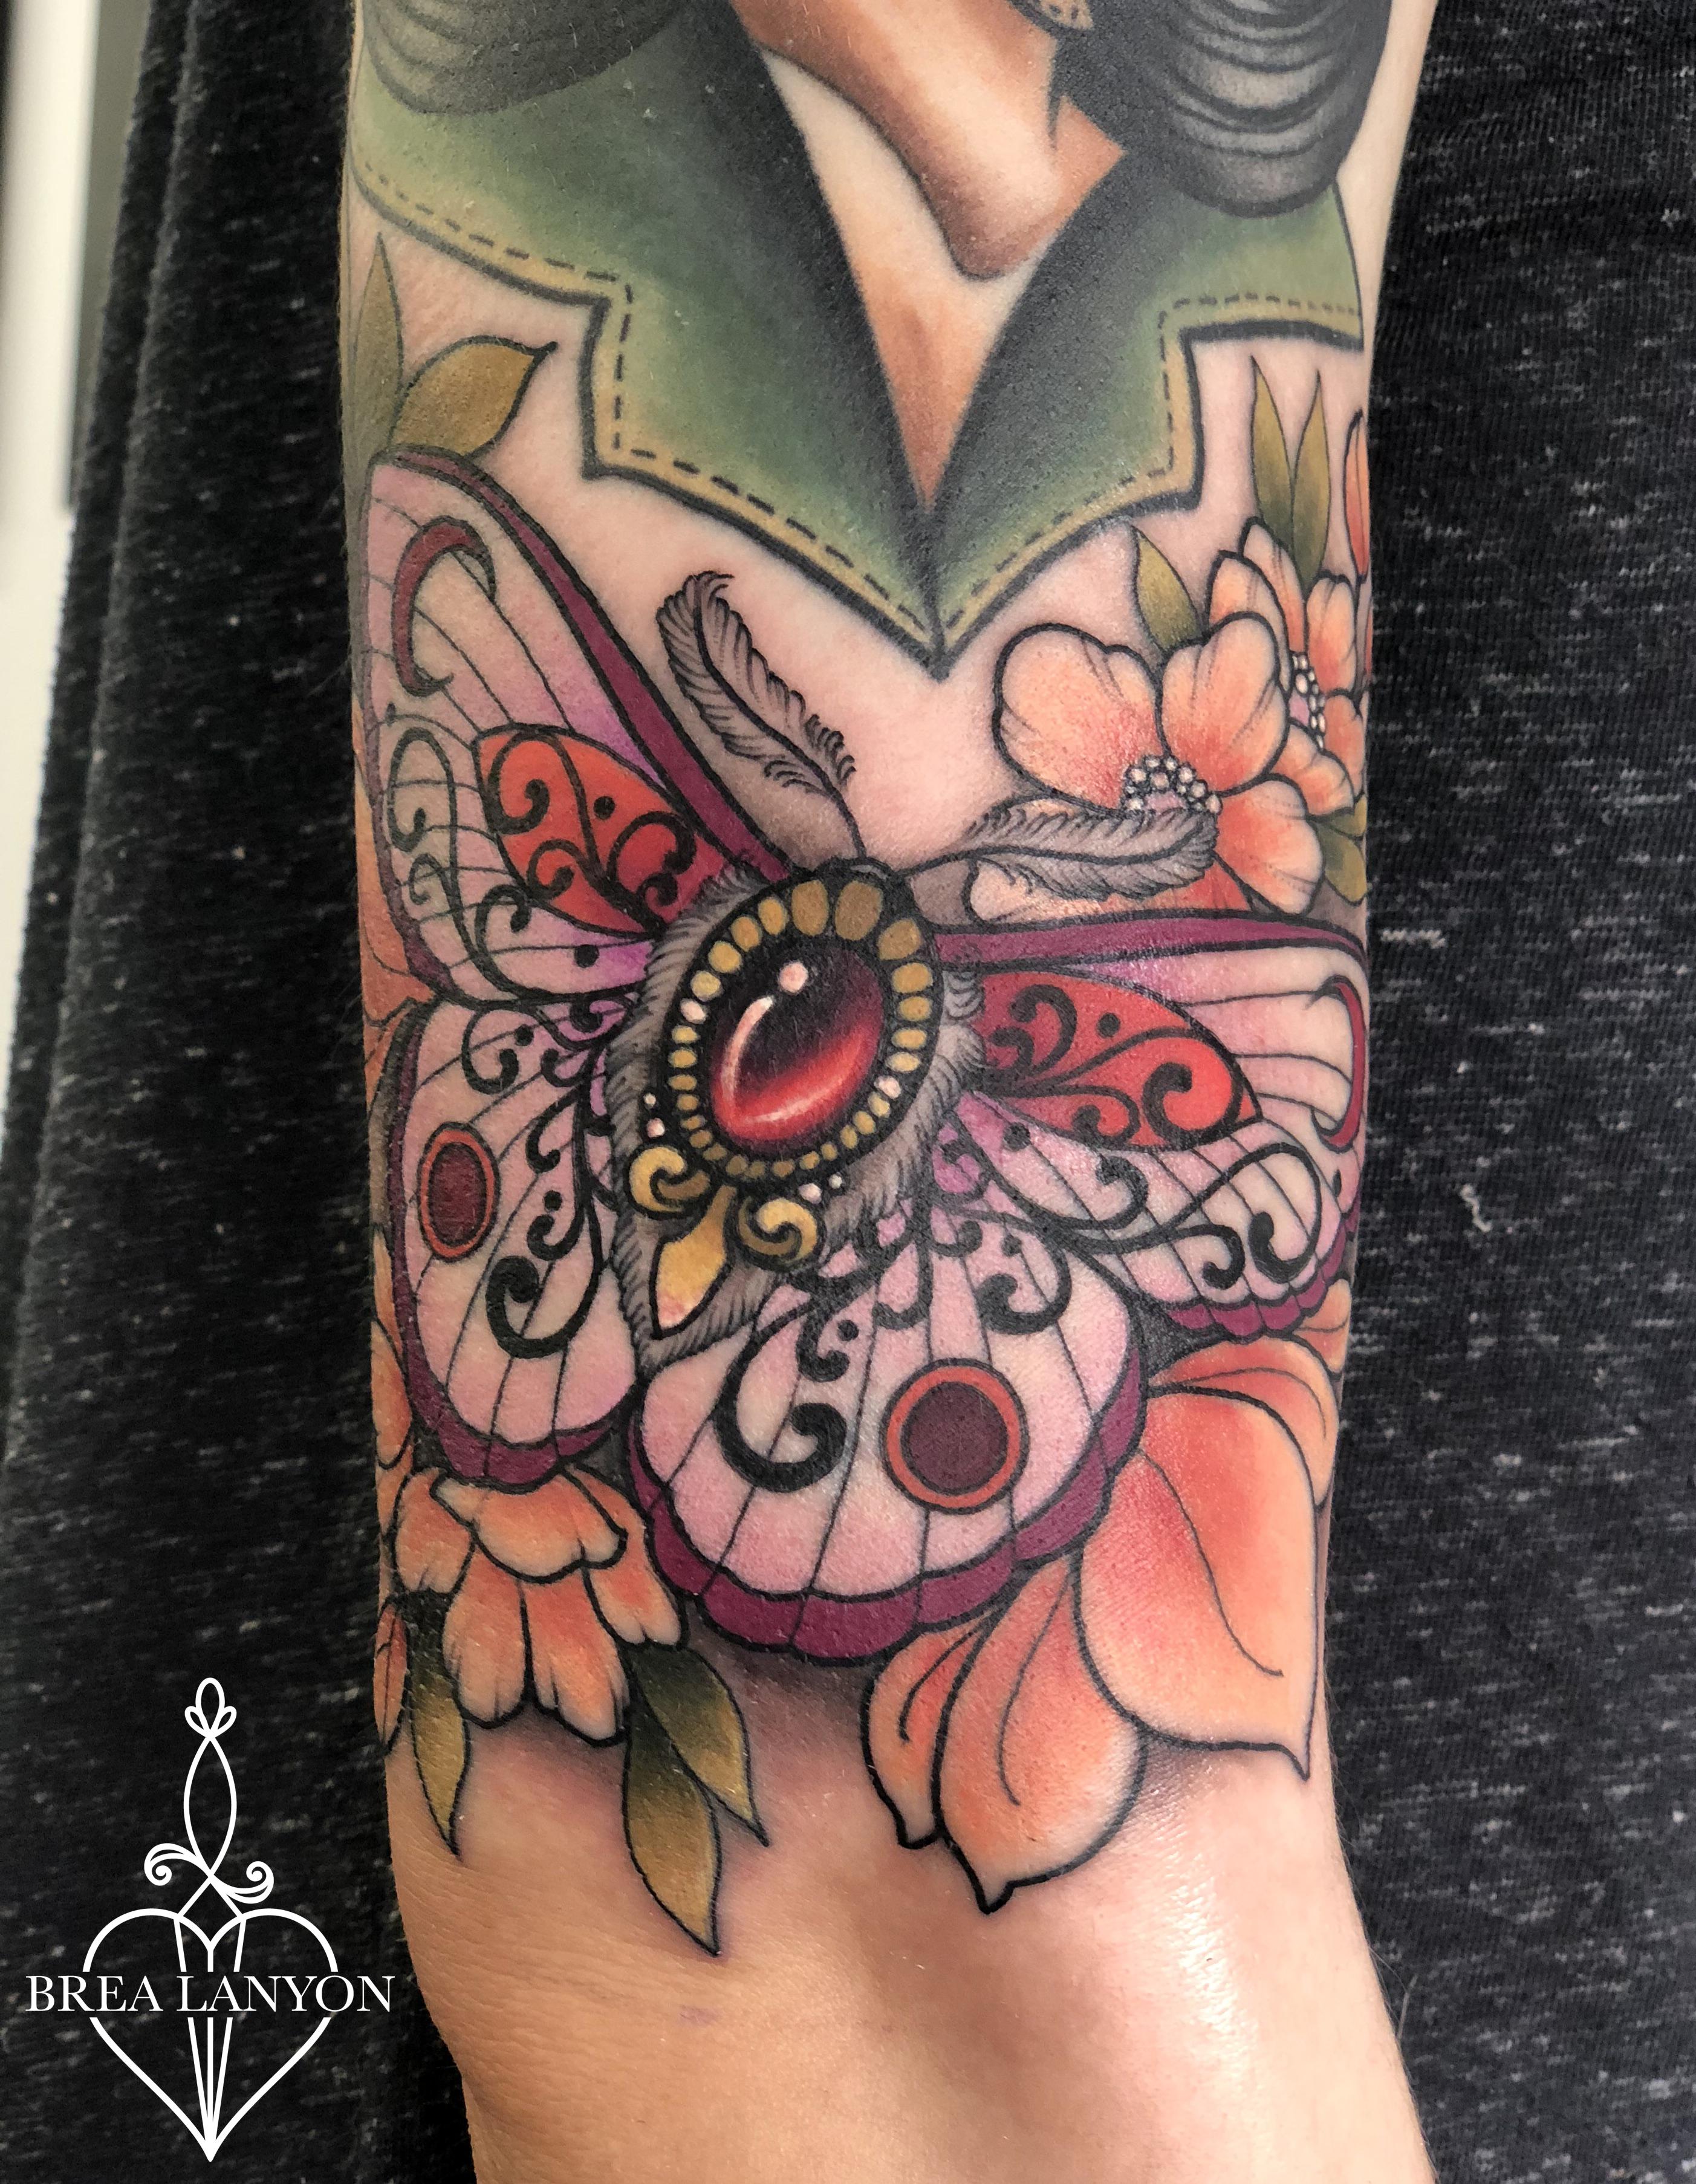 felicia moth - Copy - Copy